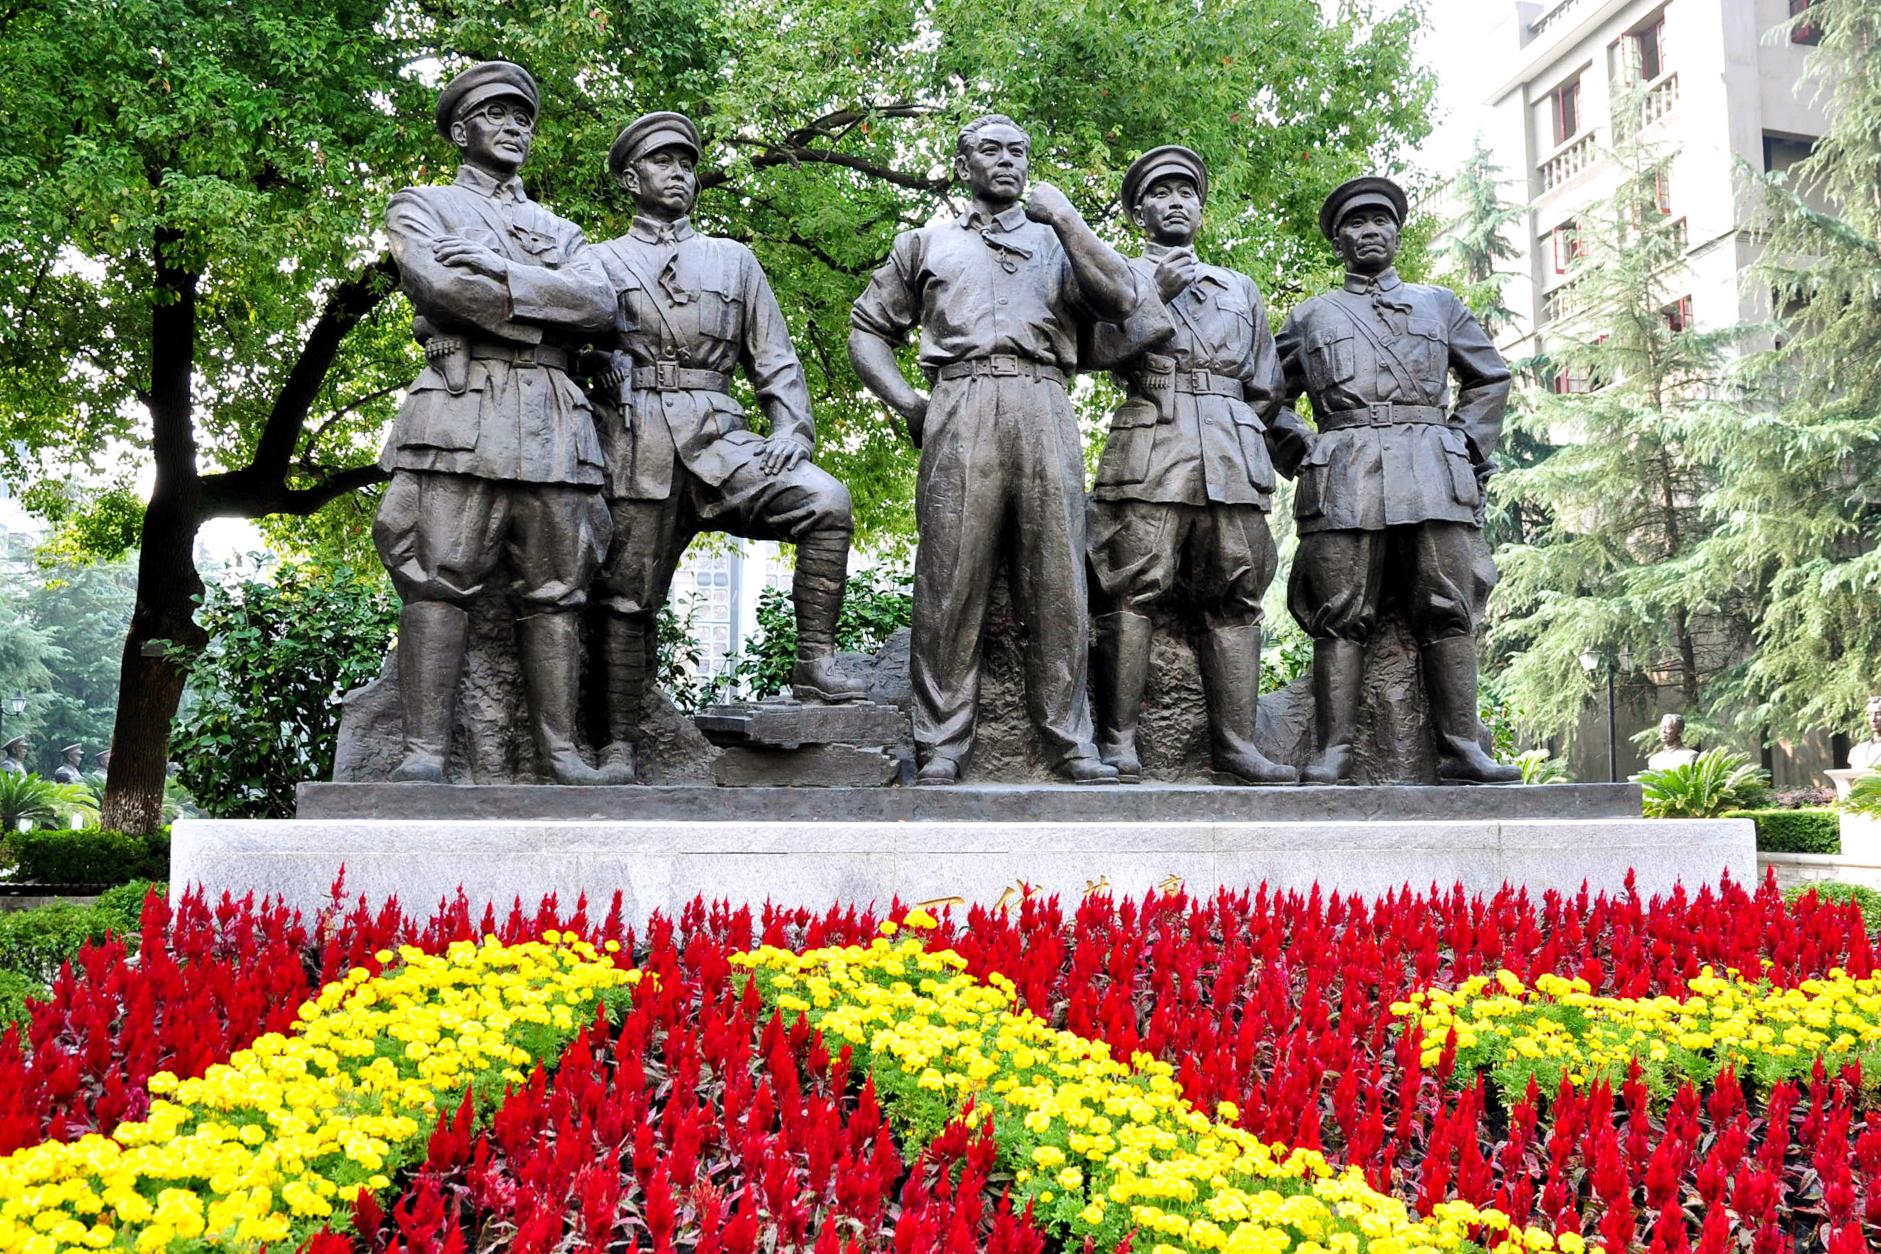 八一南昌起义纪念馆八一南昌起义纪念馆里面感觉教育意义很重,去旅游的 驴妈妈点评